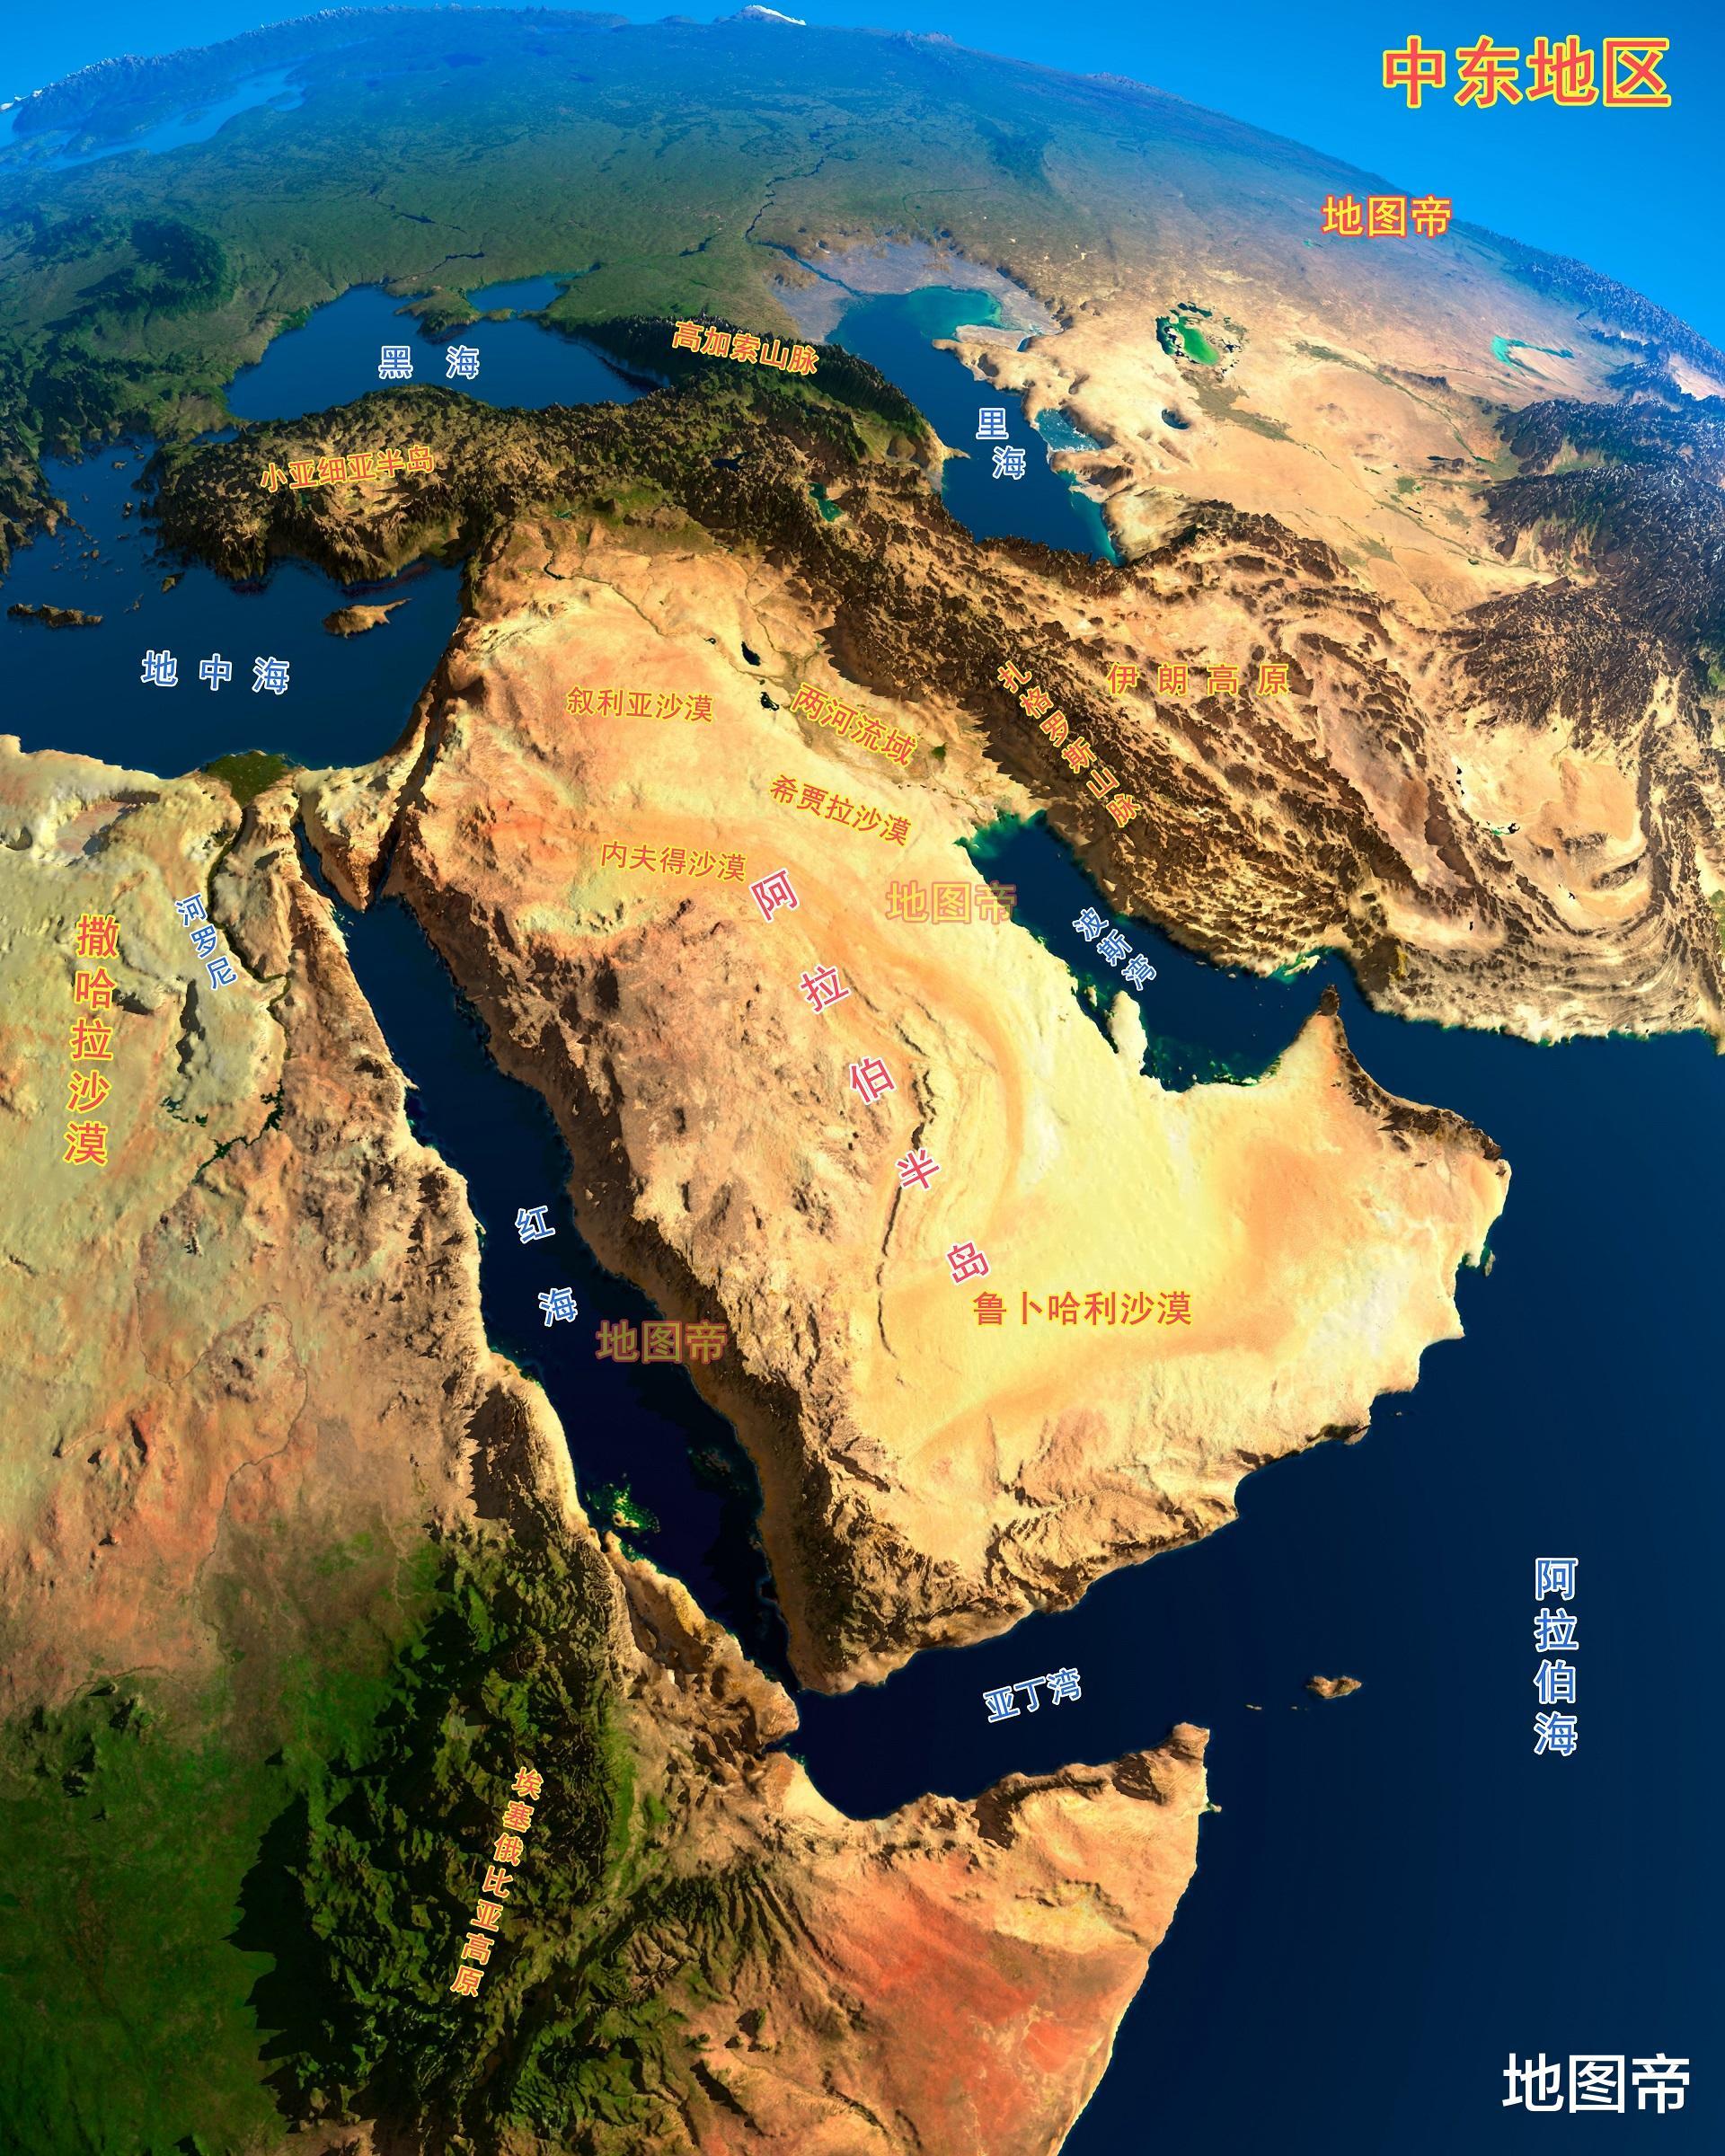 沙特曾經是糧食出口國?課本知識限制瞭我的想象力-圖3